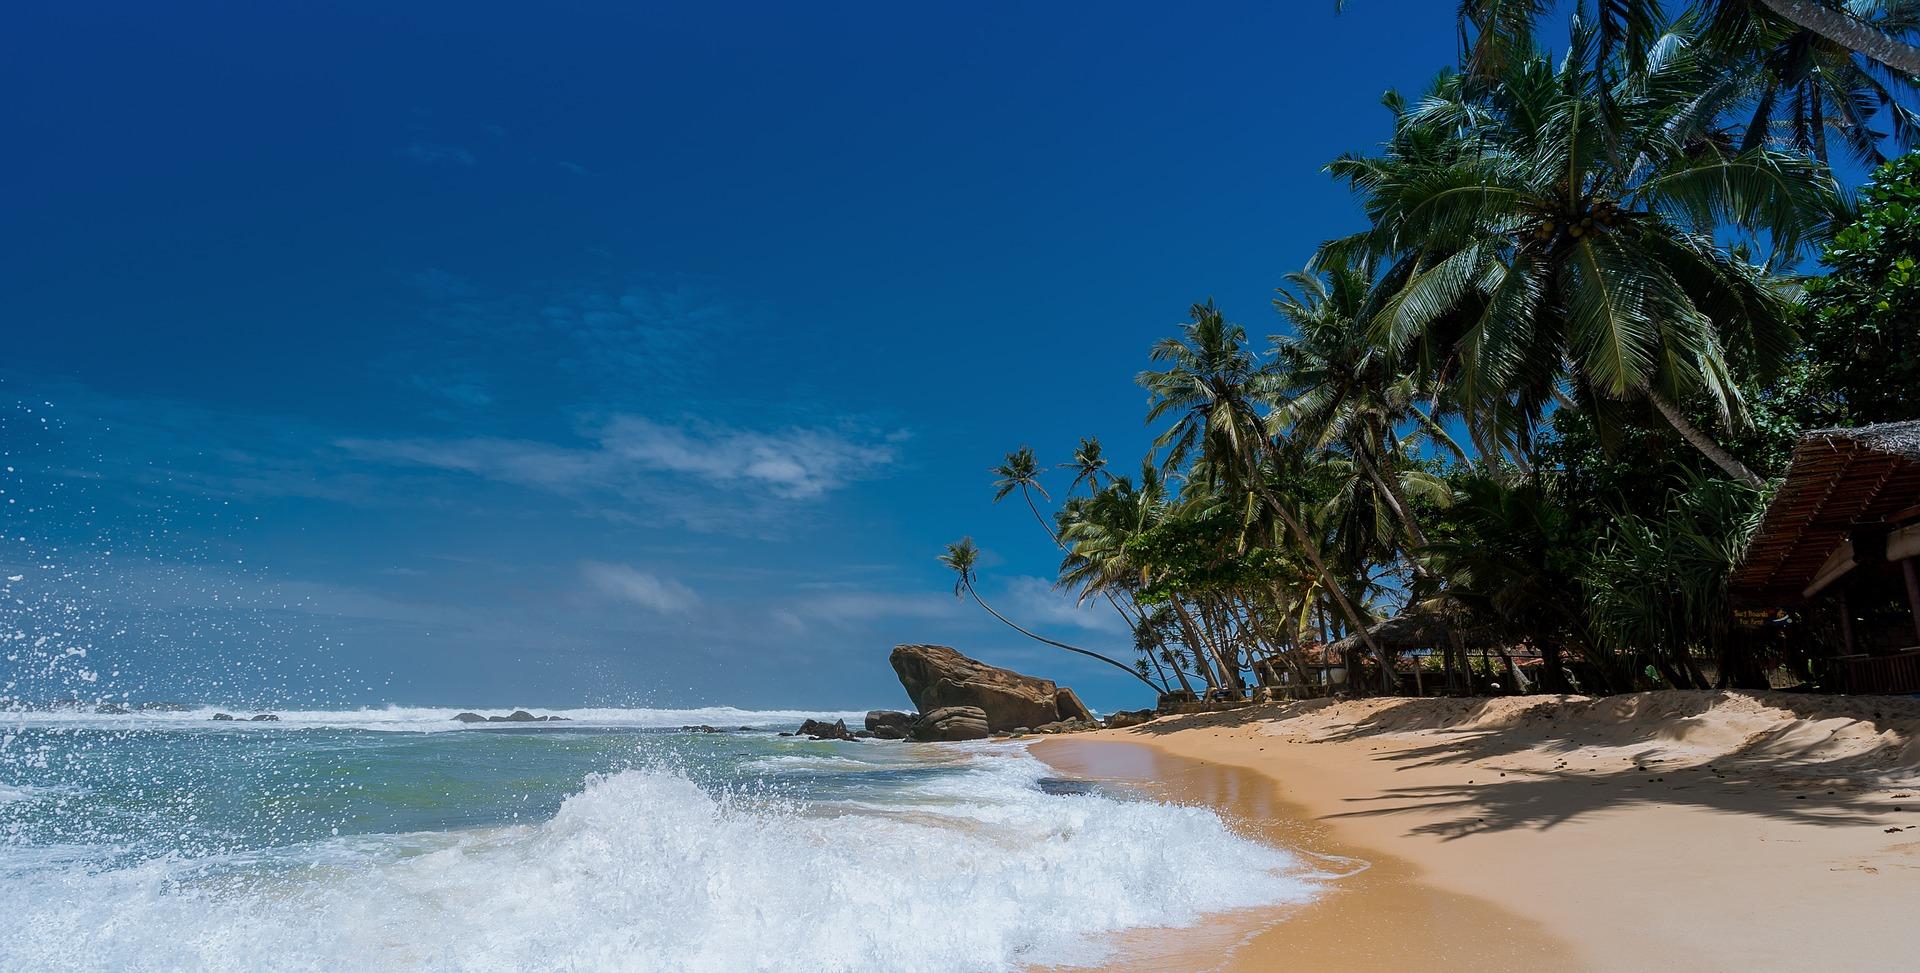 beach-1867590_1920.jpg